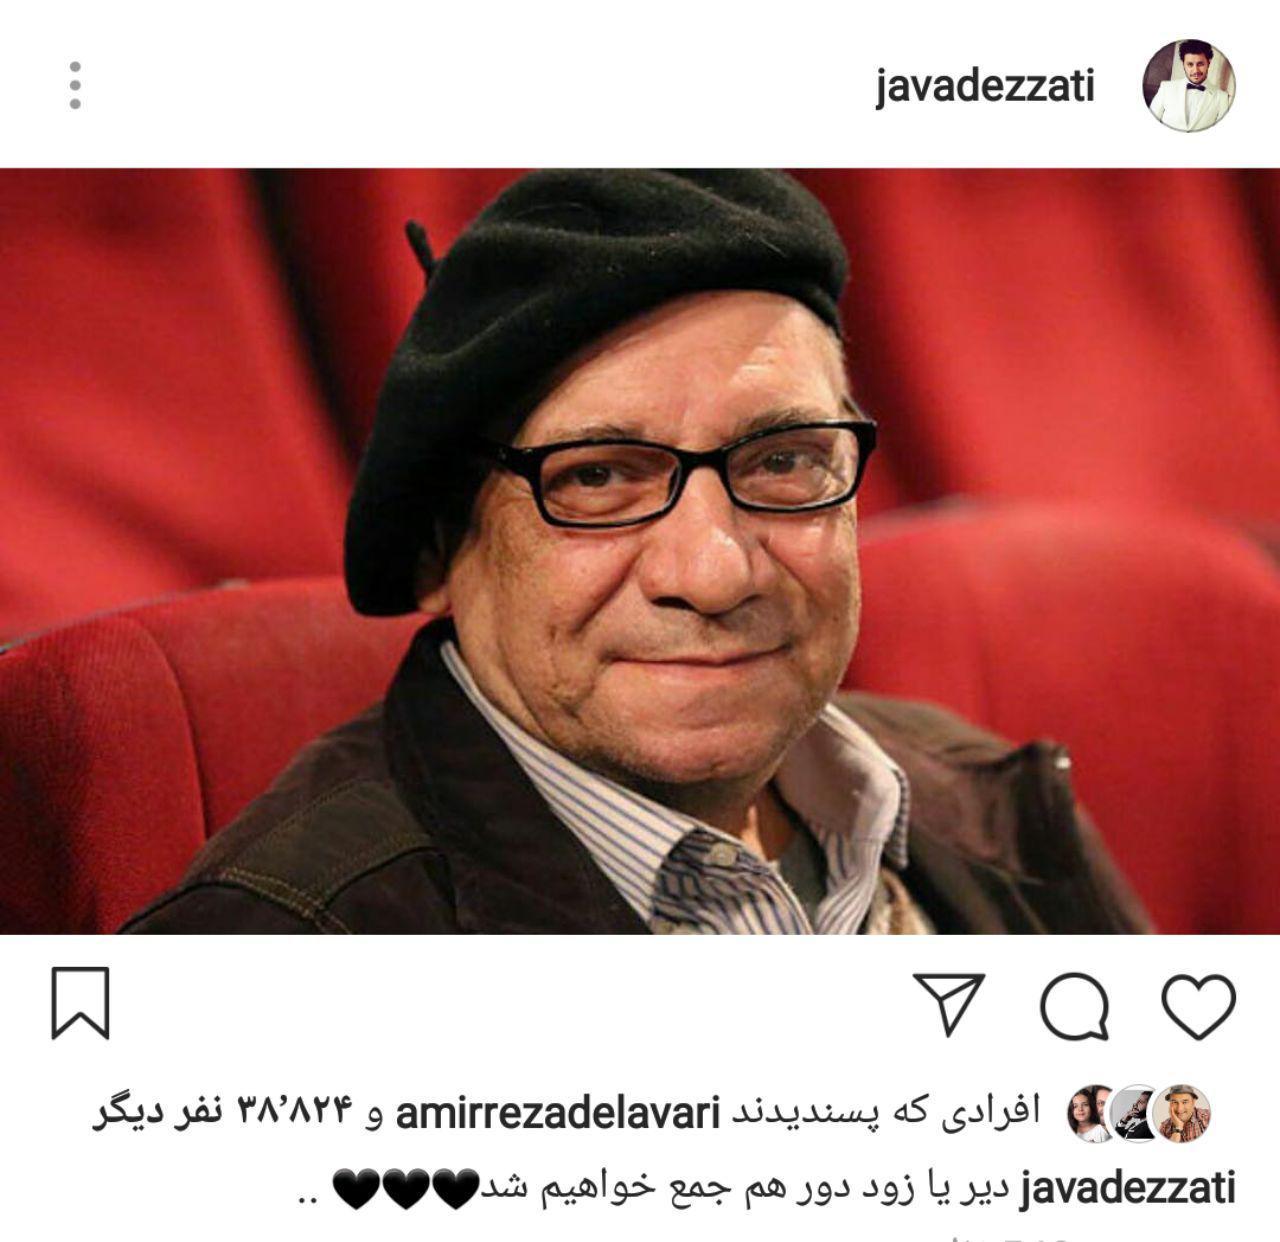 واکنش بازیگران به خبر درگذشت «حسین محب اهری» - 12